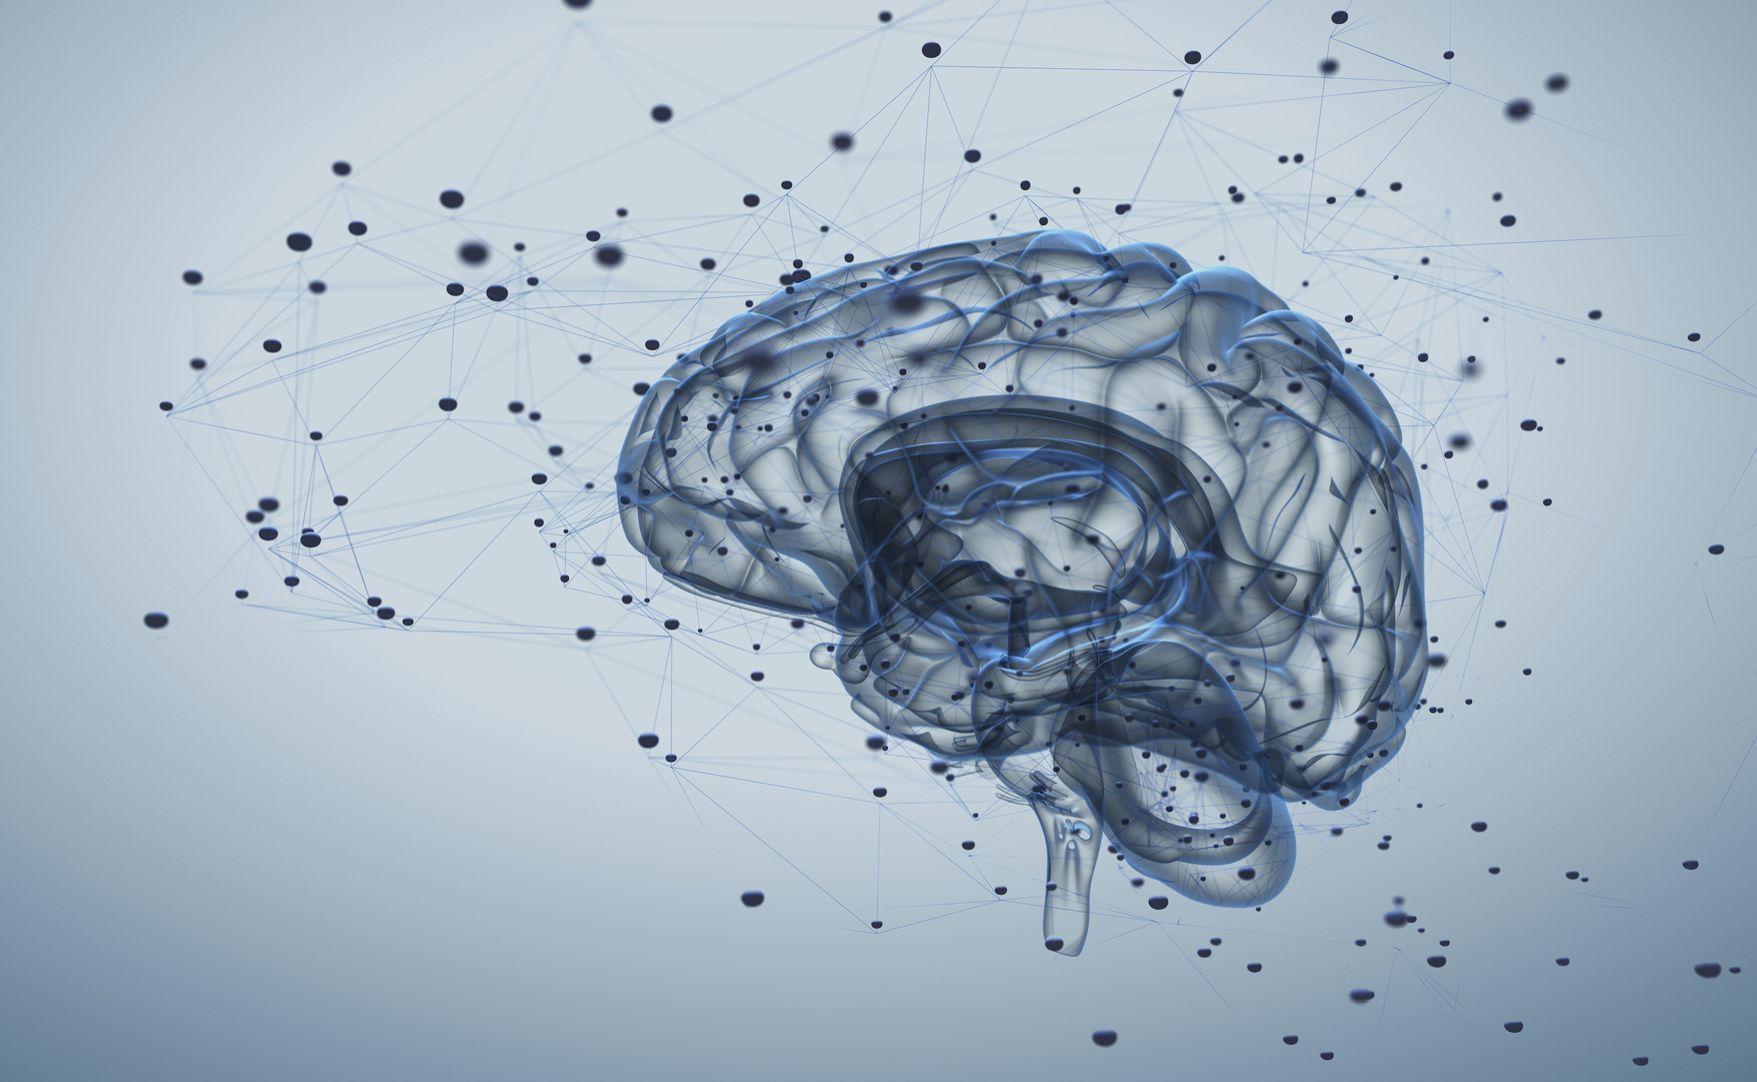 La synesthésie, une particularité neurologique connue depuis plusieurs siècles